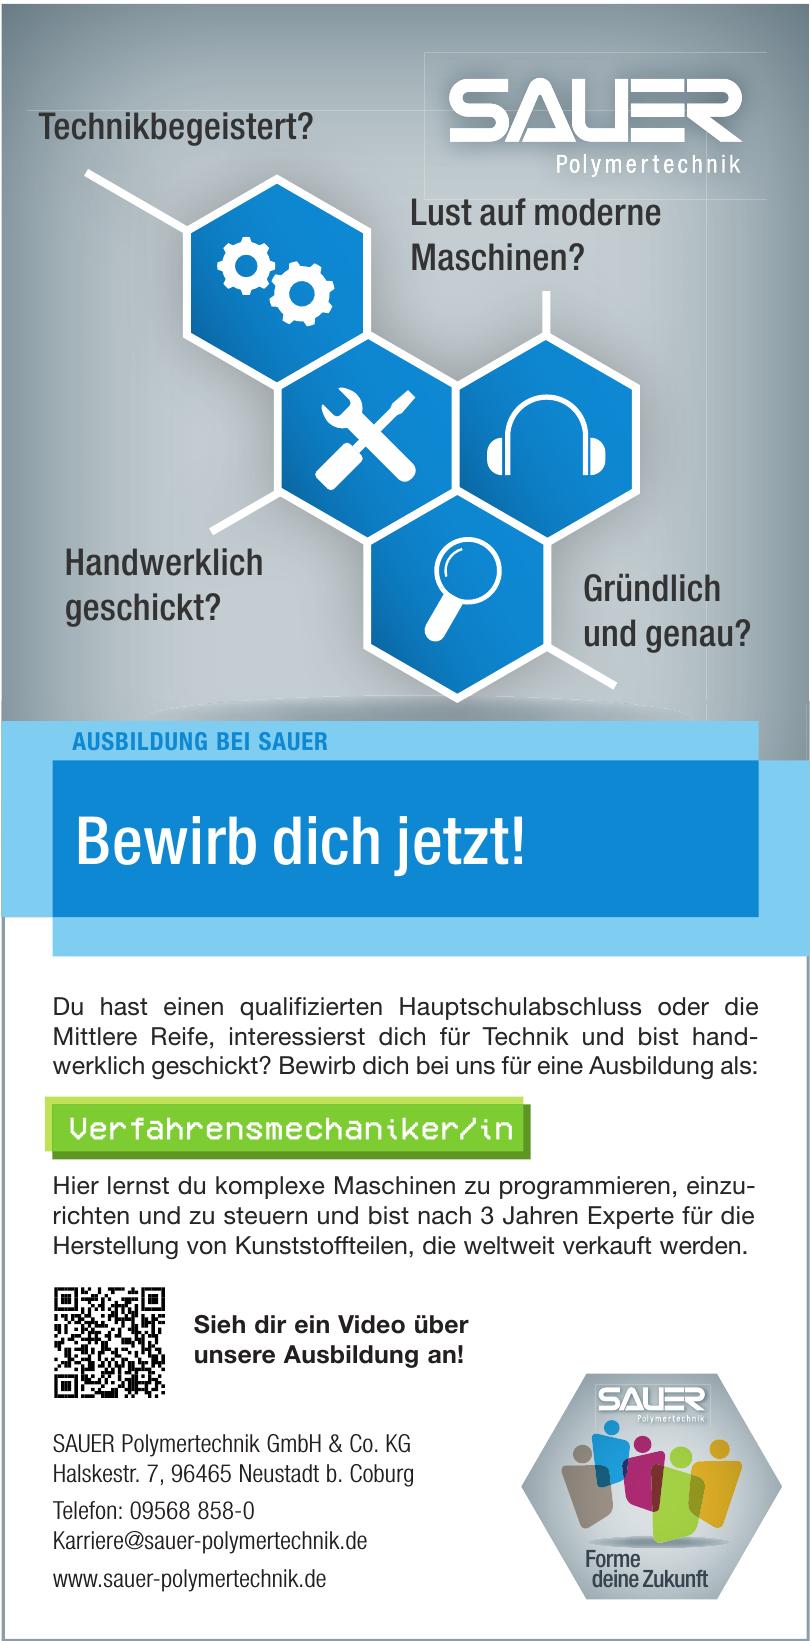 SAUER Polymertechnik GmbH & Co. KG